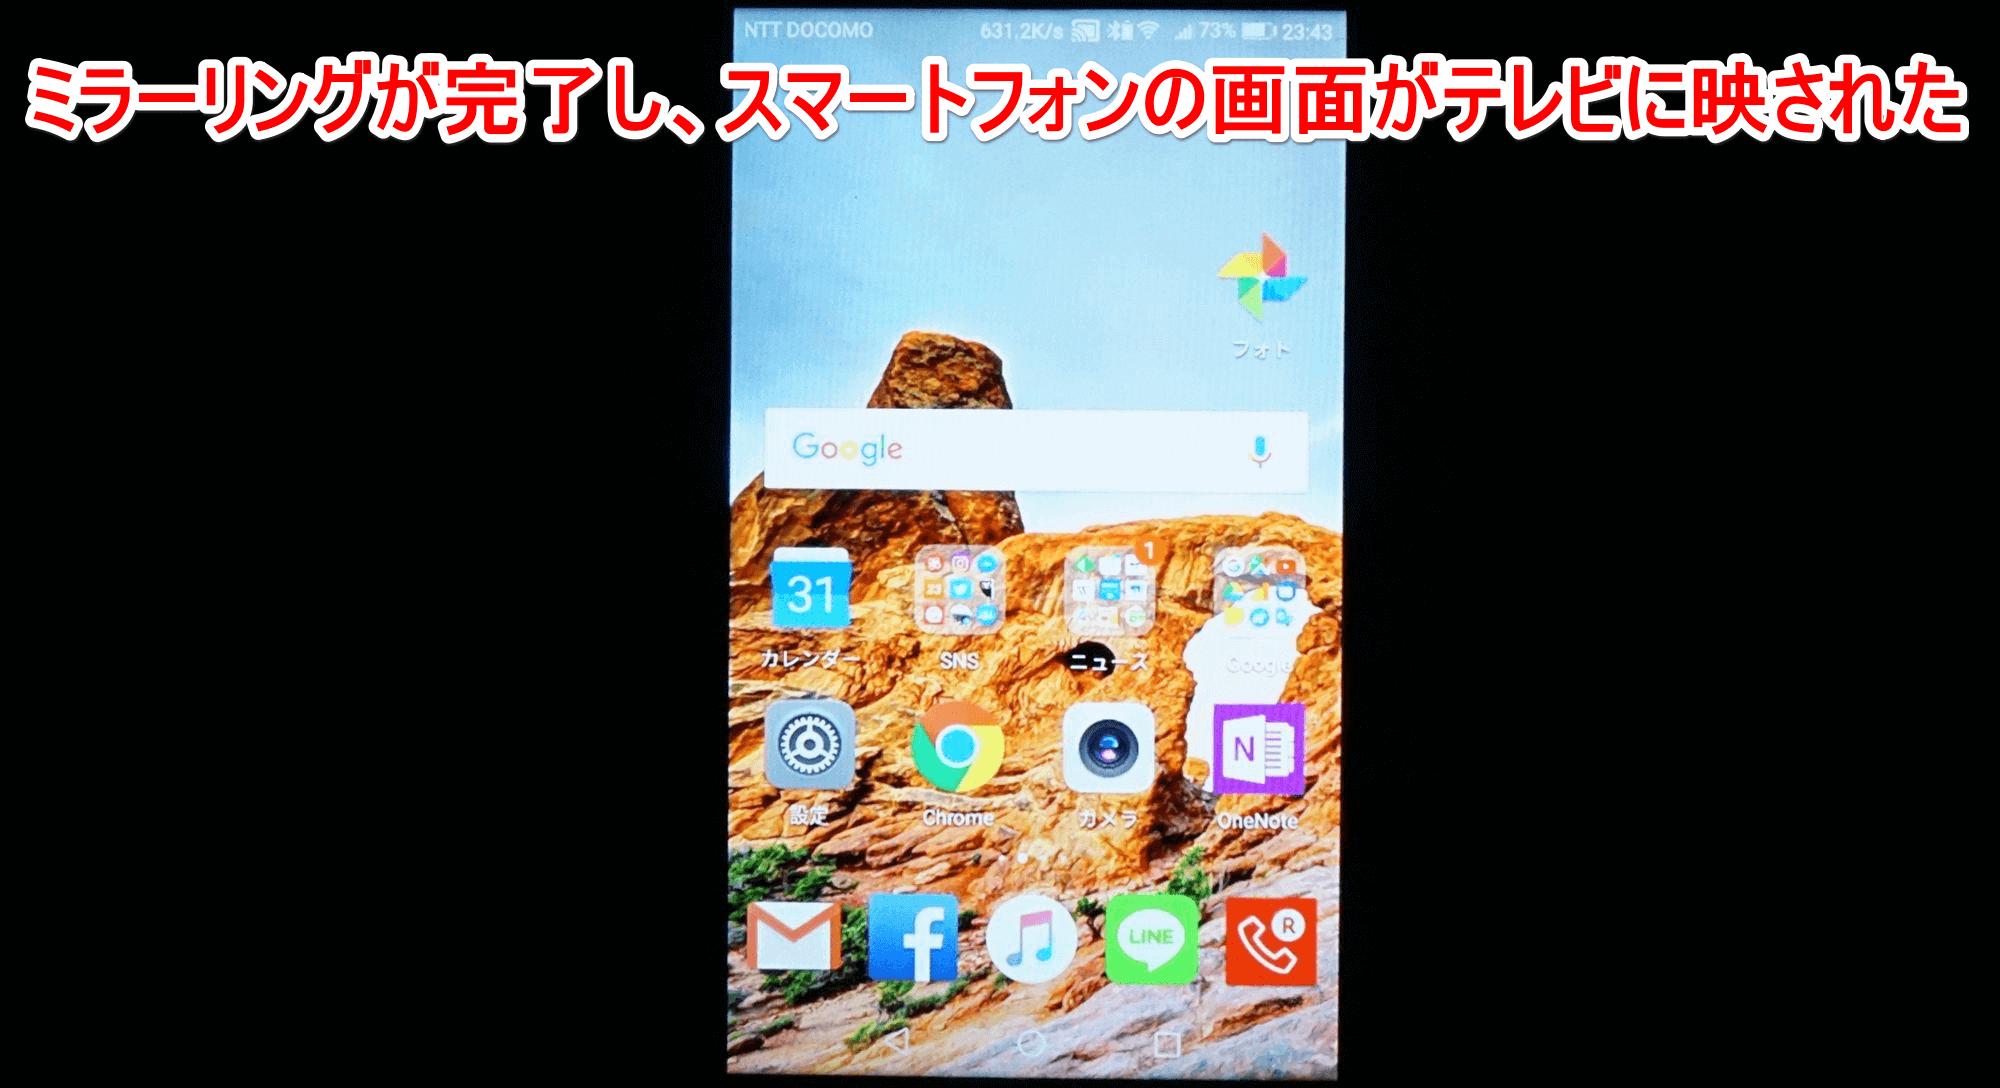 Android(アンドロイド)スマートフォンの画面がFireTV Stickを介してテレビに表示されたところ